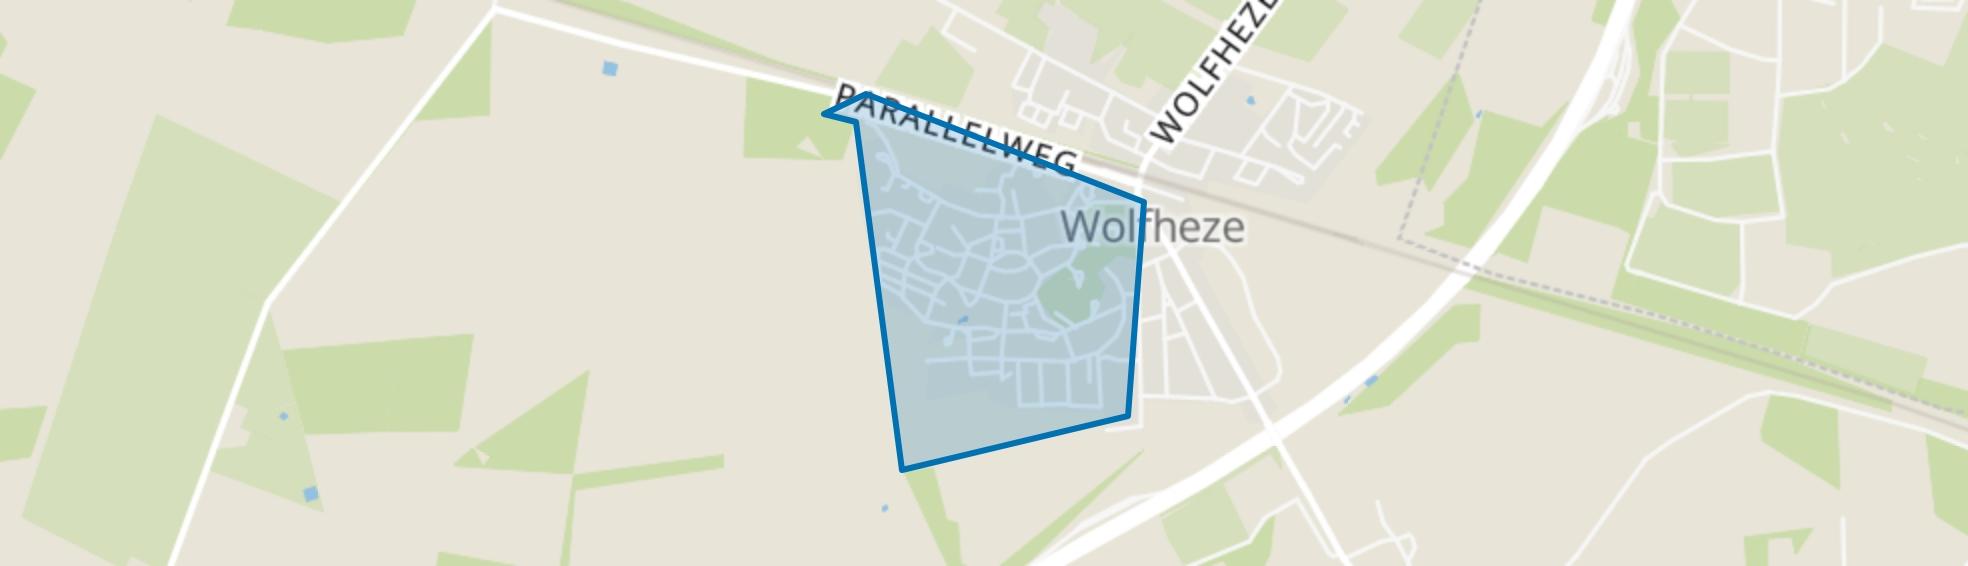 De Stichting, Wolfheze map